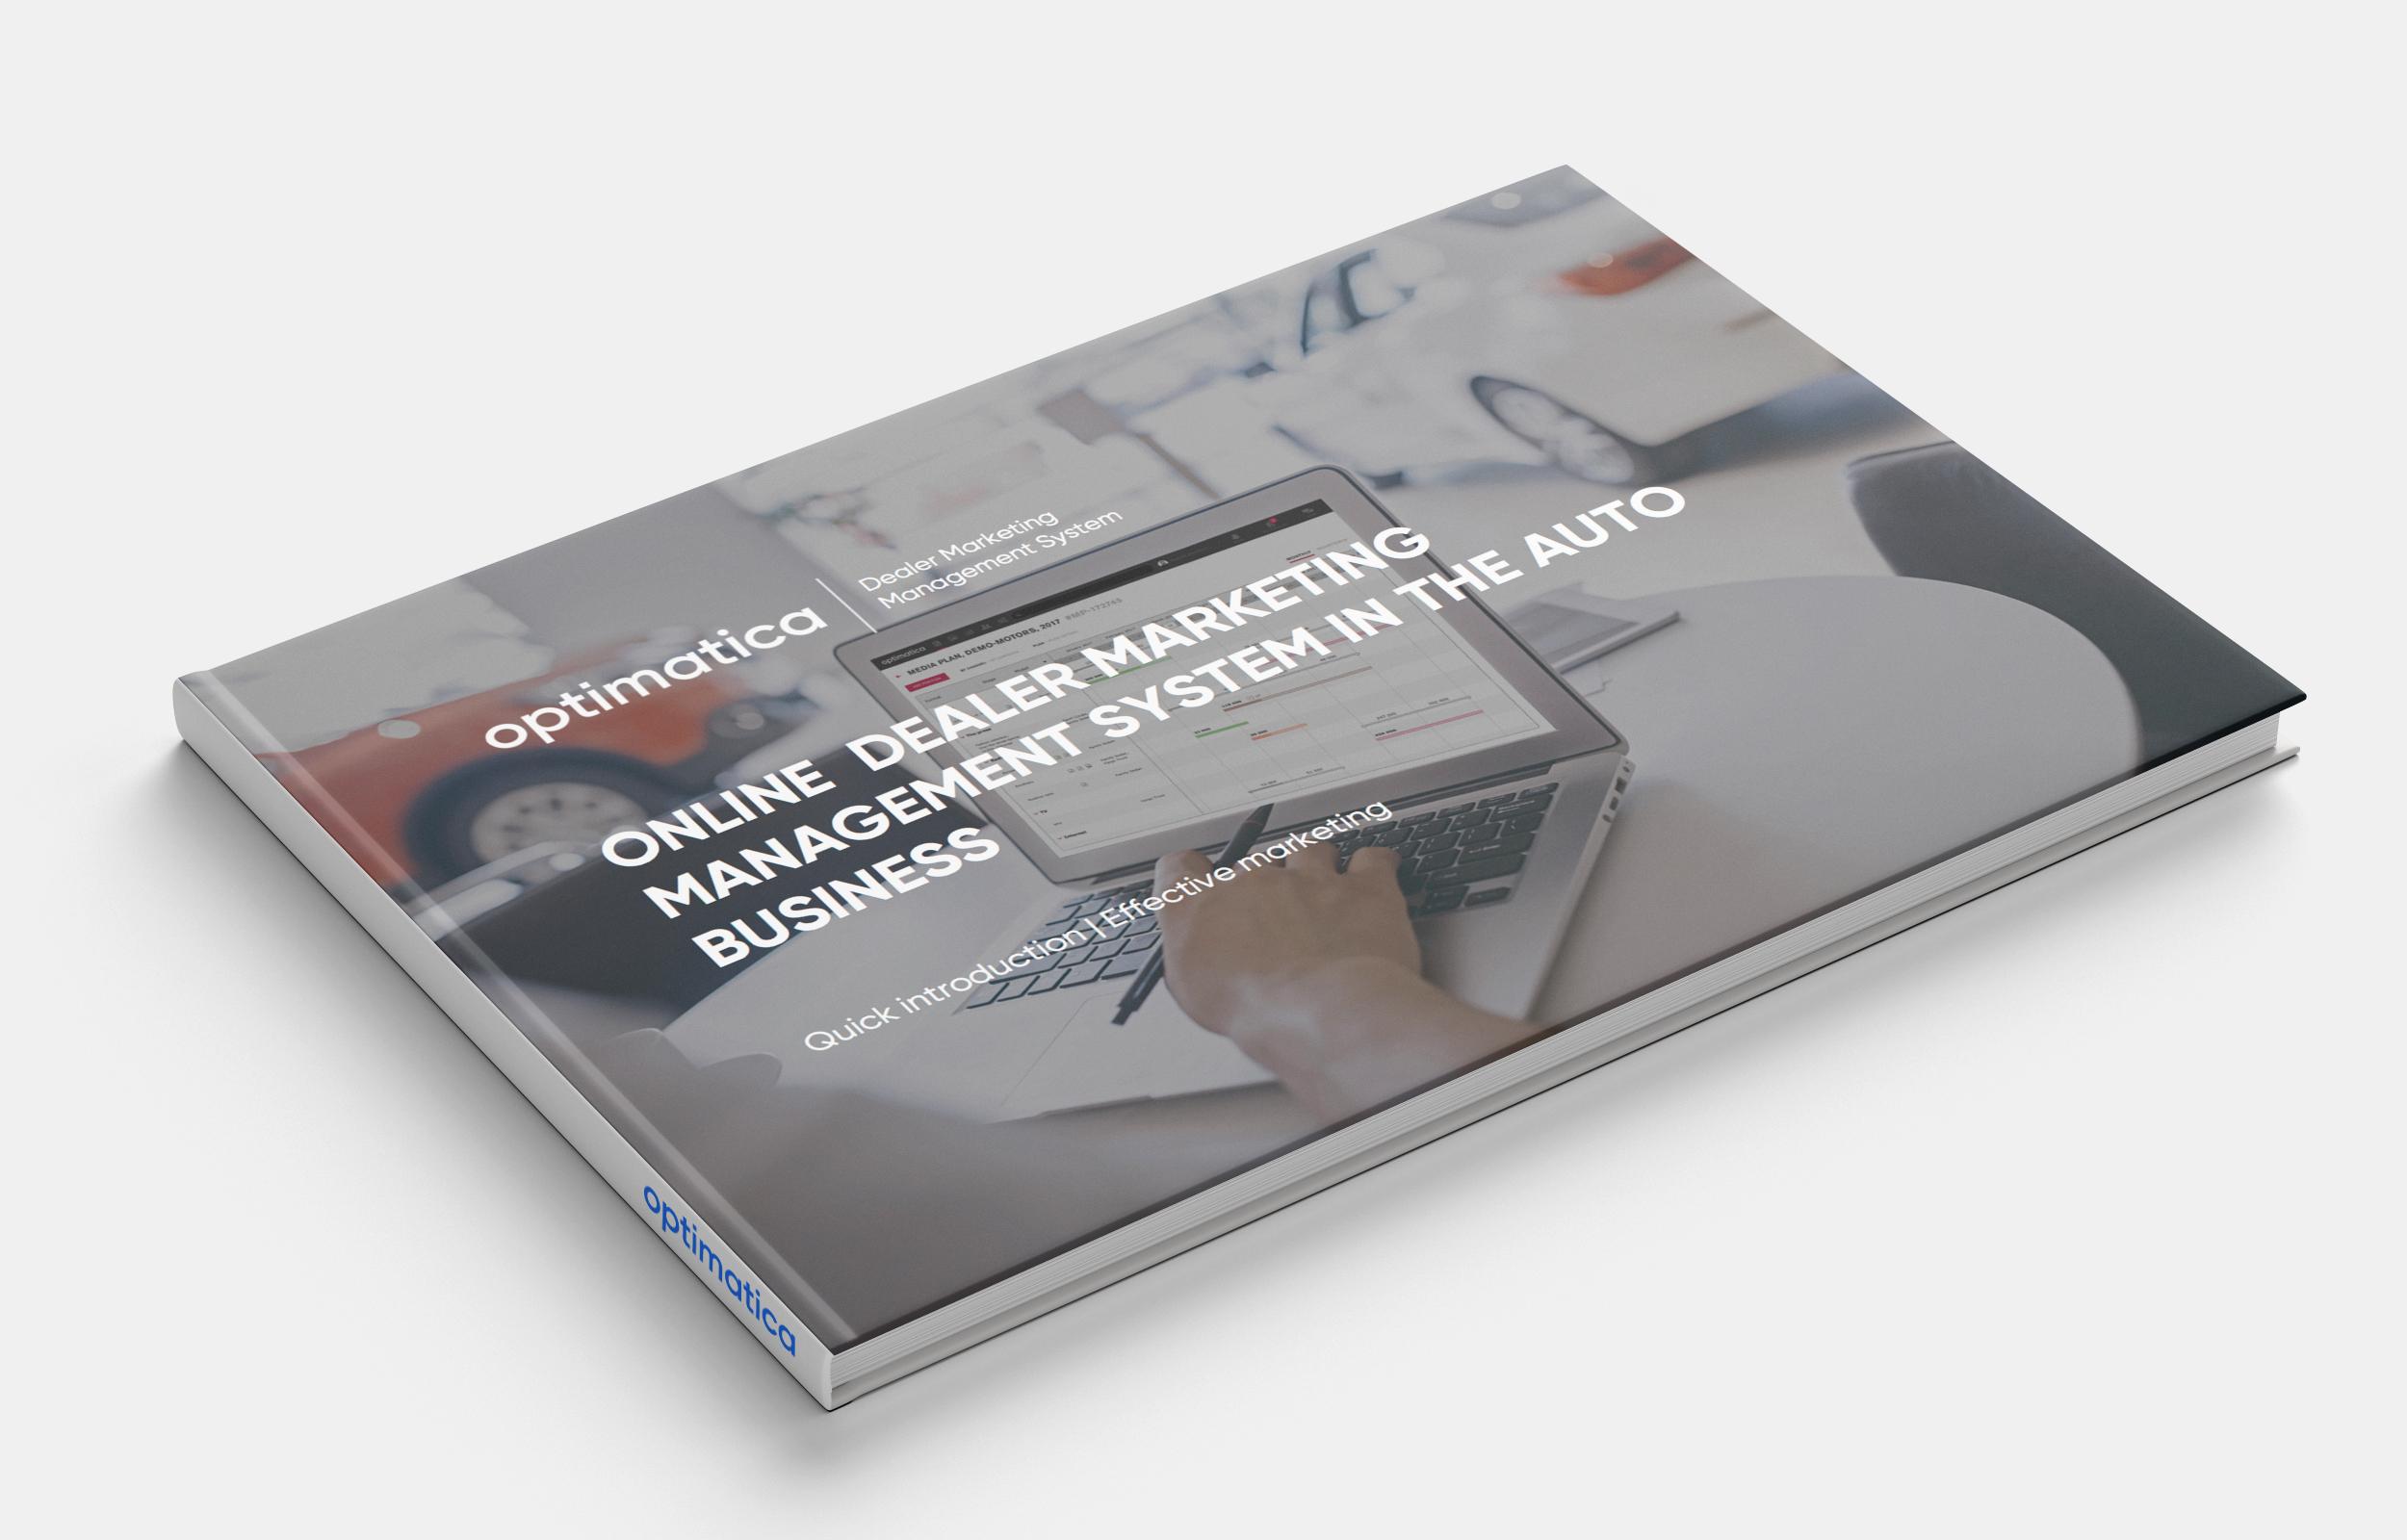 Презентация MRM-системы автодилеры (A4, Powerpoint, PDF)